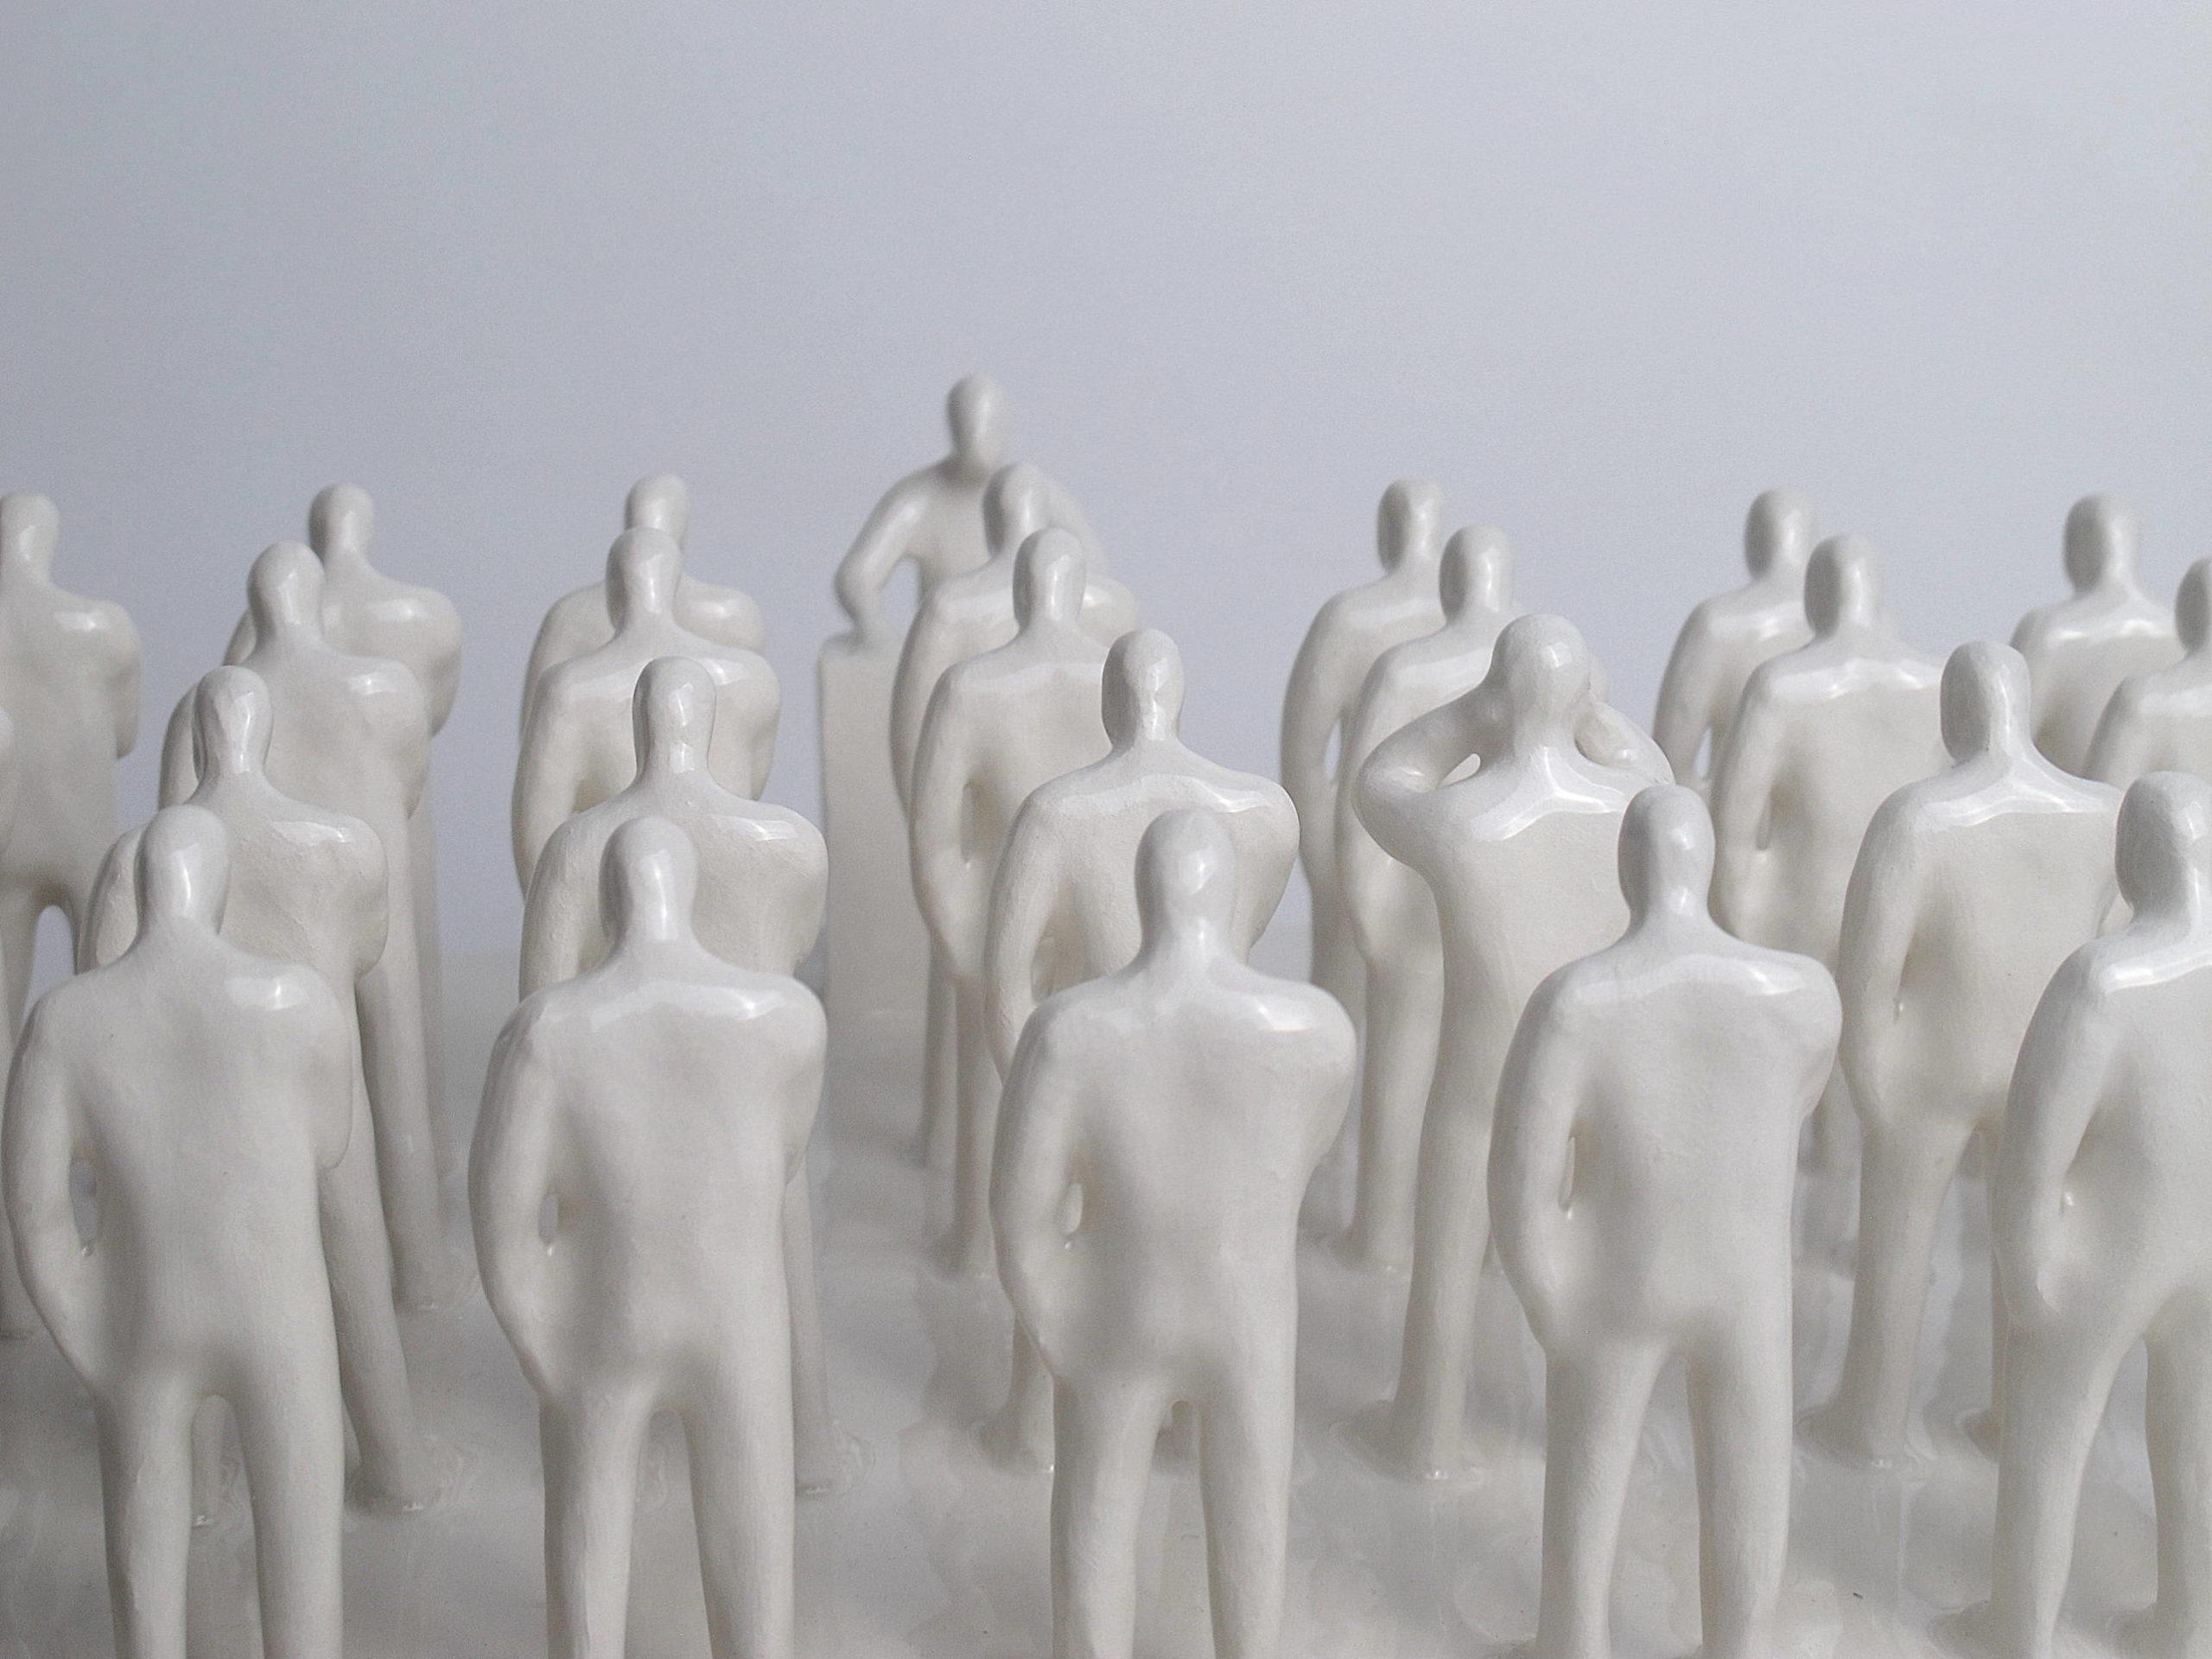 Gabriele Mallegni No listen box, white glazed ceramic, 2020, detail